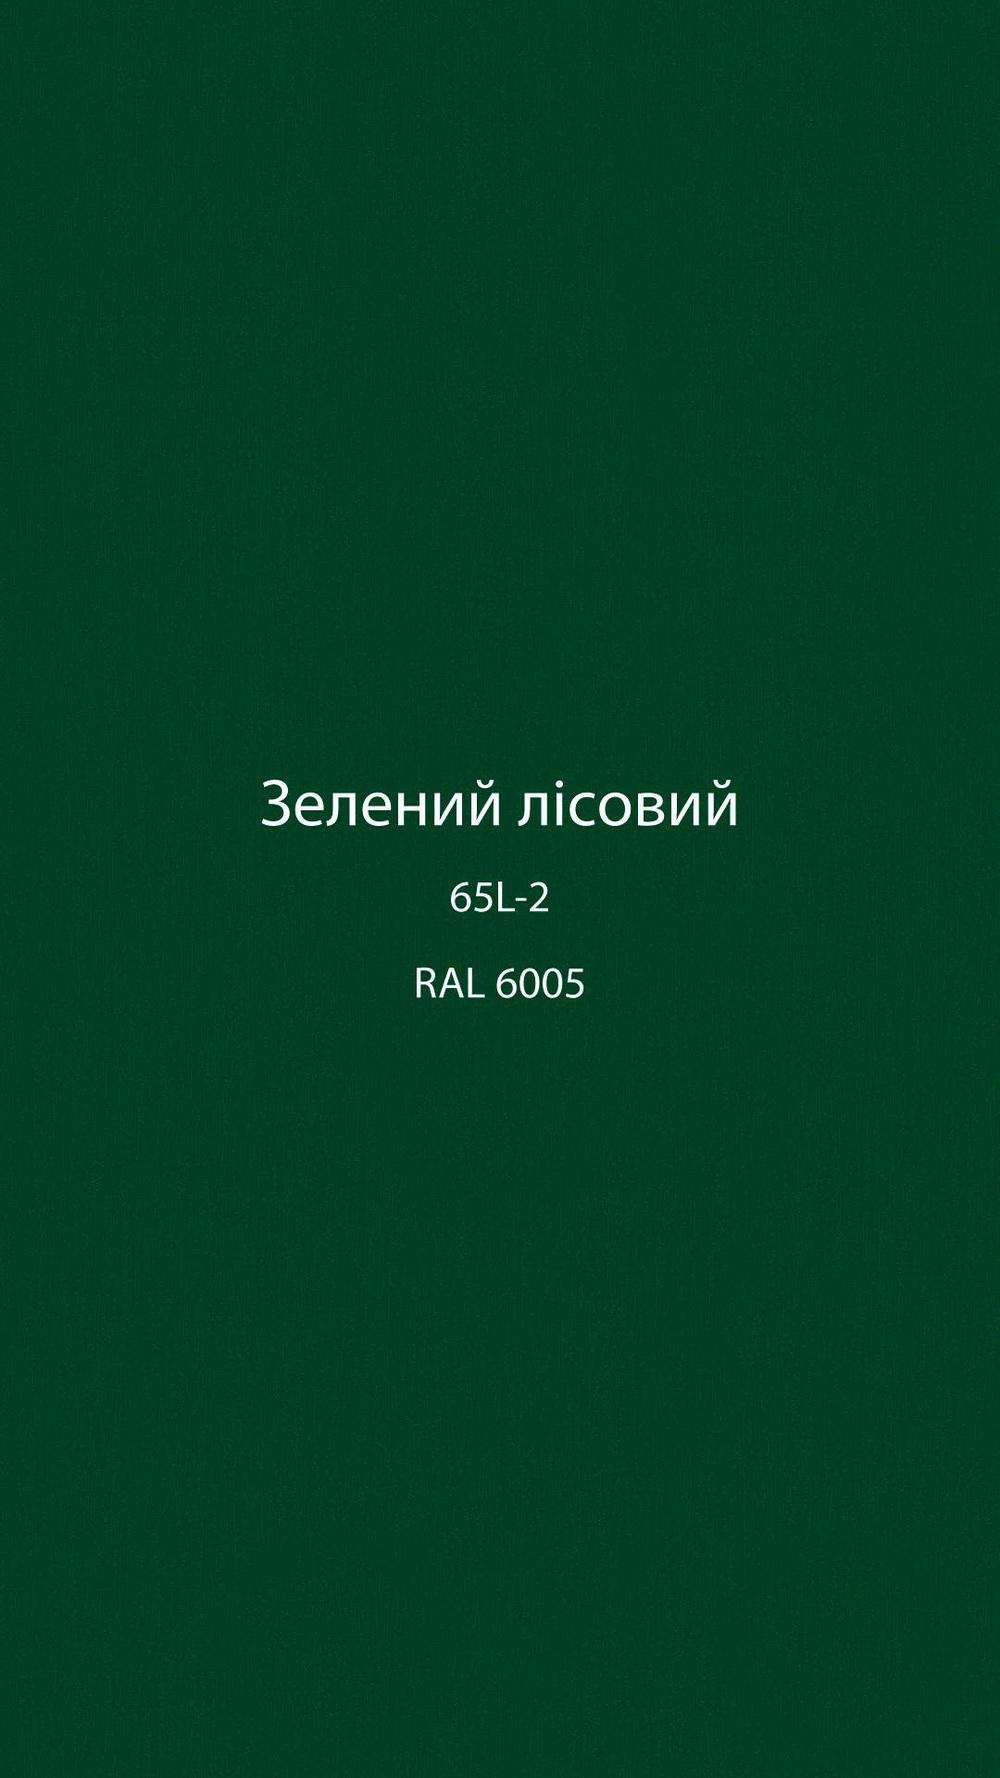 Зелений лісовий - колір ламінації профілів заводу EKIPAZH